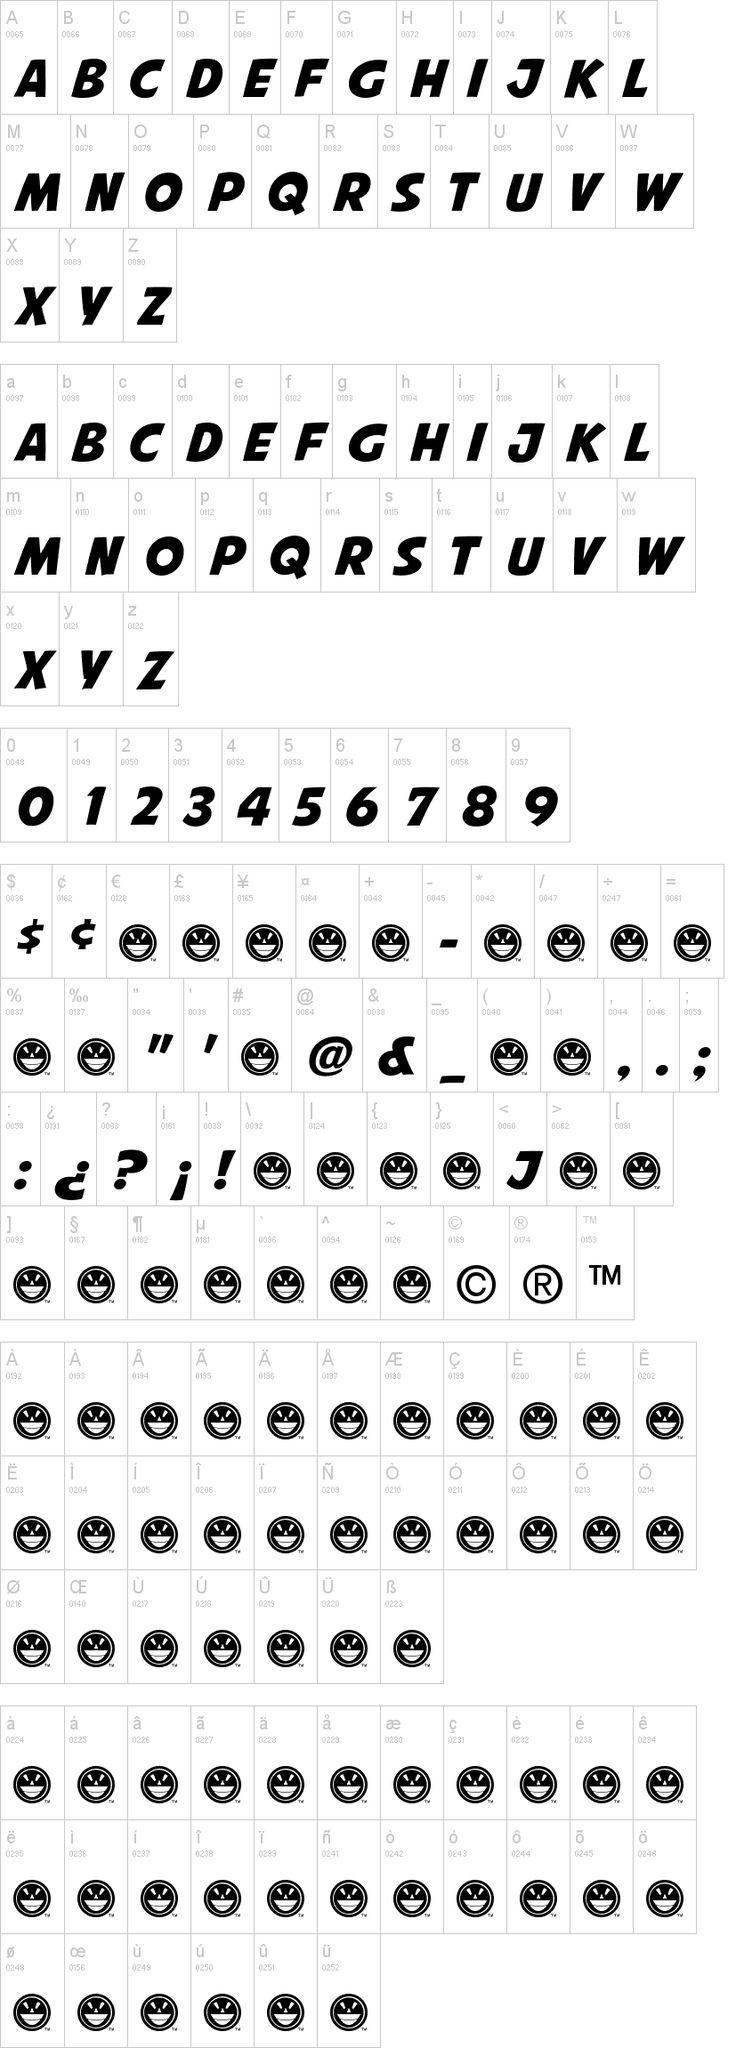 Avengeance Mightiest Avenger Font Dafont, Fonts, Avengers